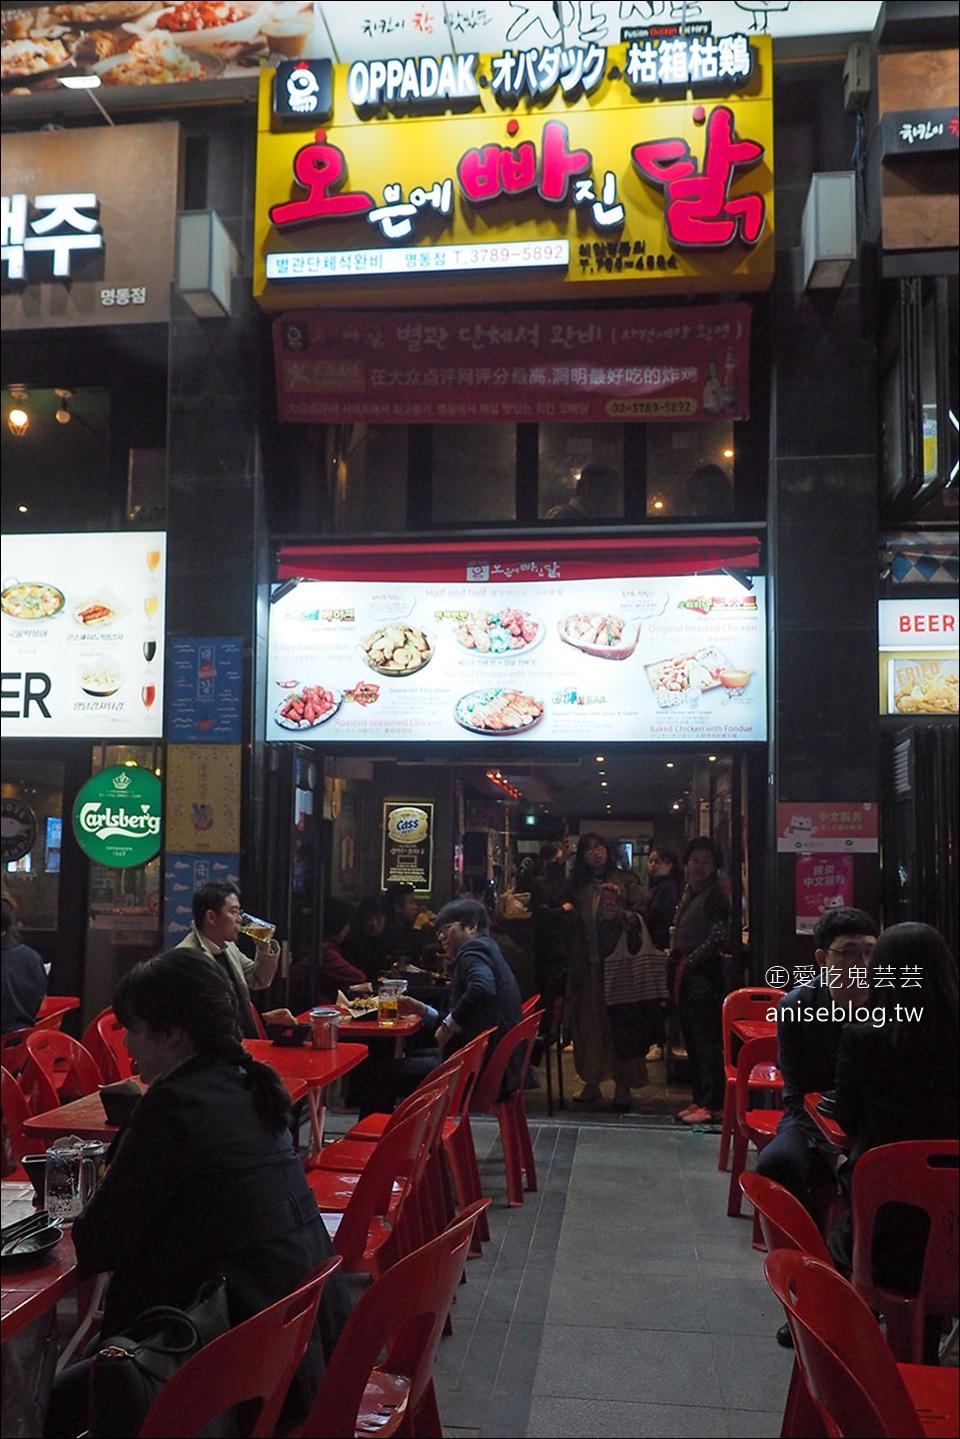 明洞美食 | 元堂馬鈴薯排骨湯明洞2號店 + OPPADOK烤雞 (枯箱枯雞)